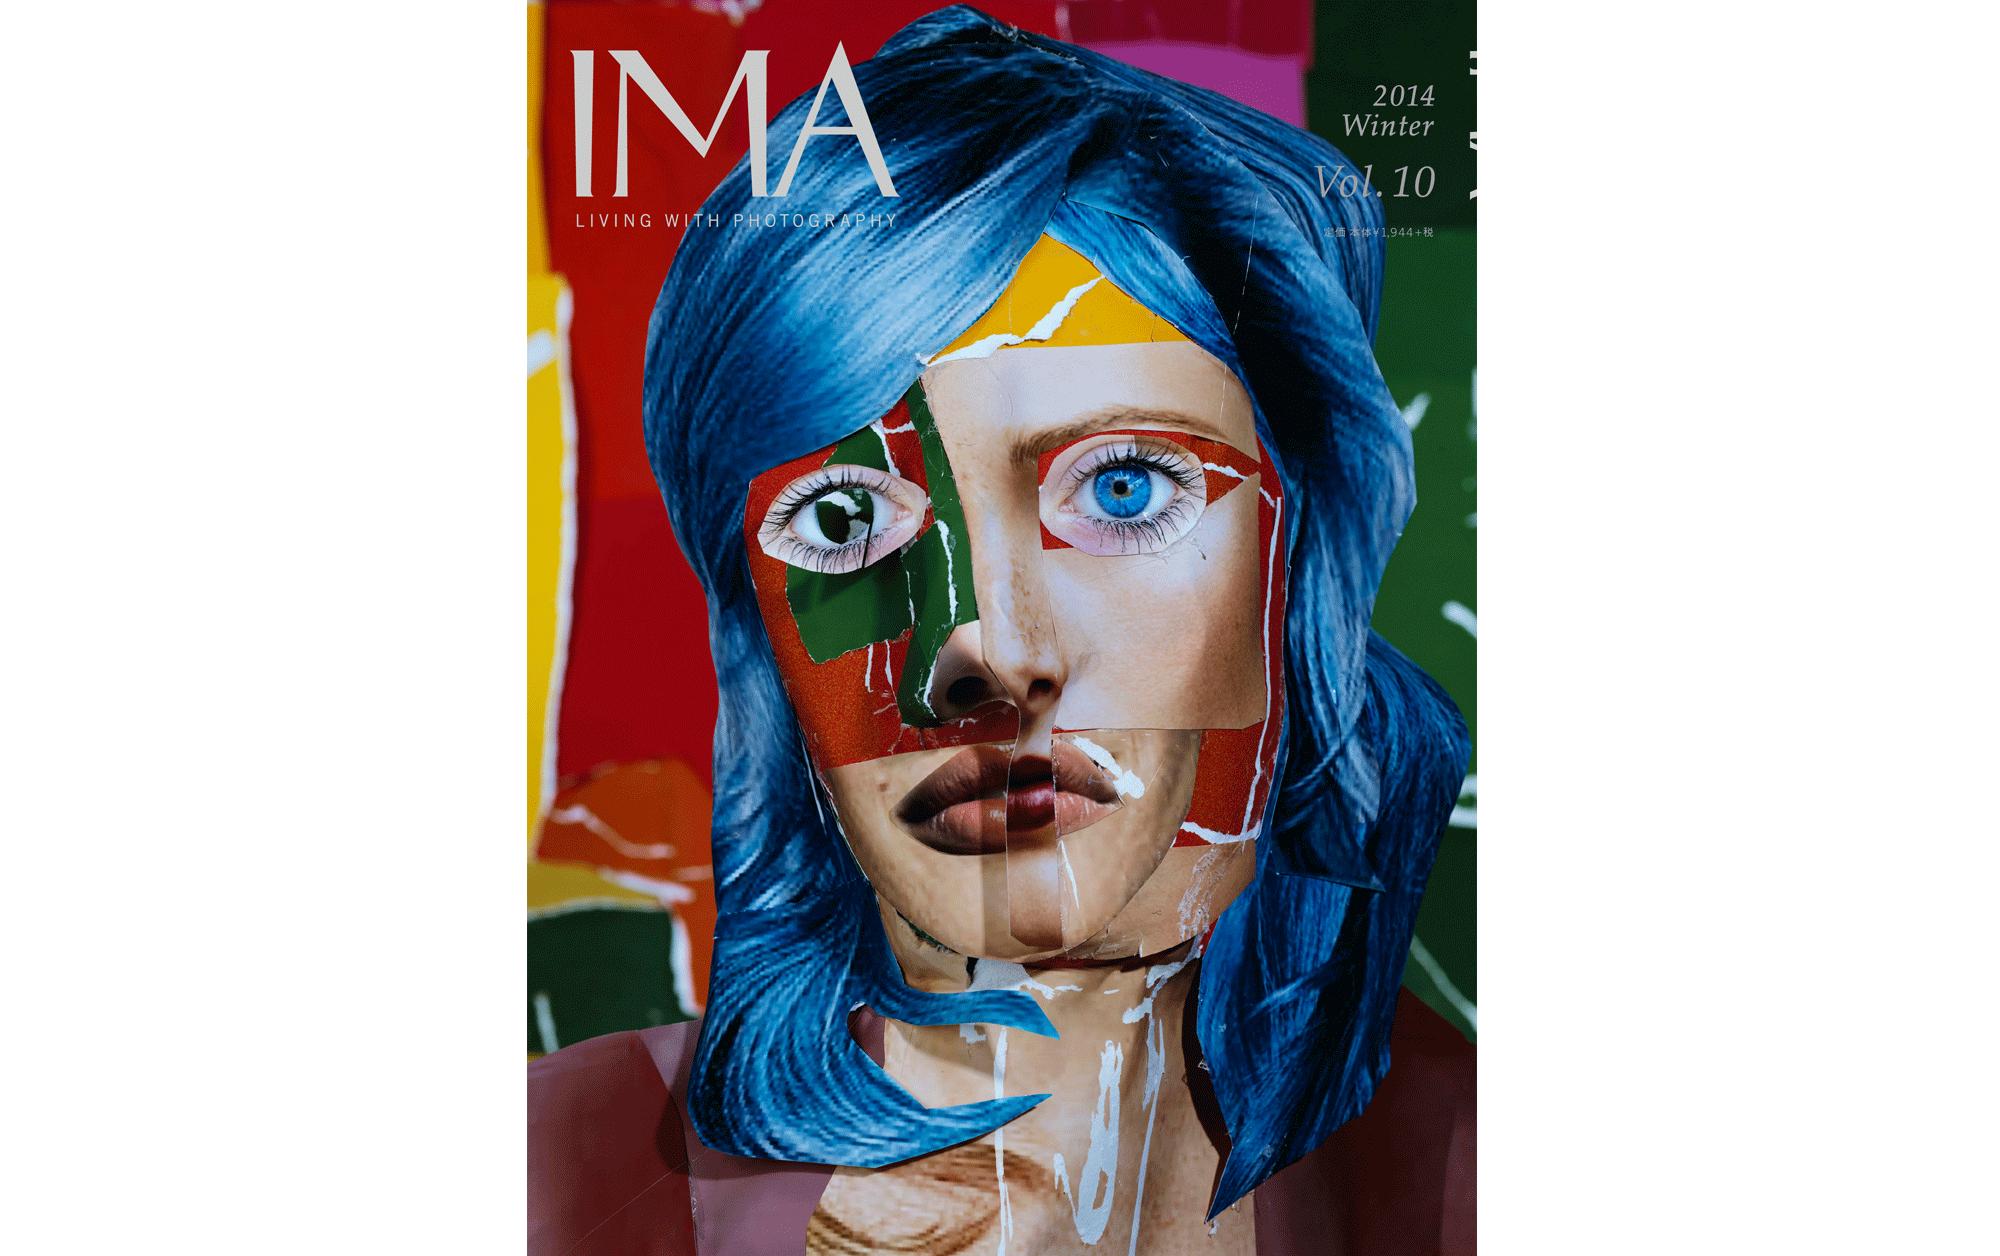 IMA 2014 Winter Vol.10